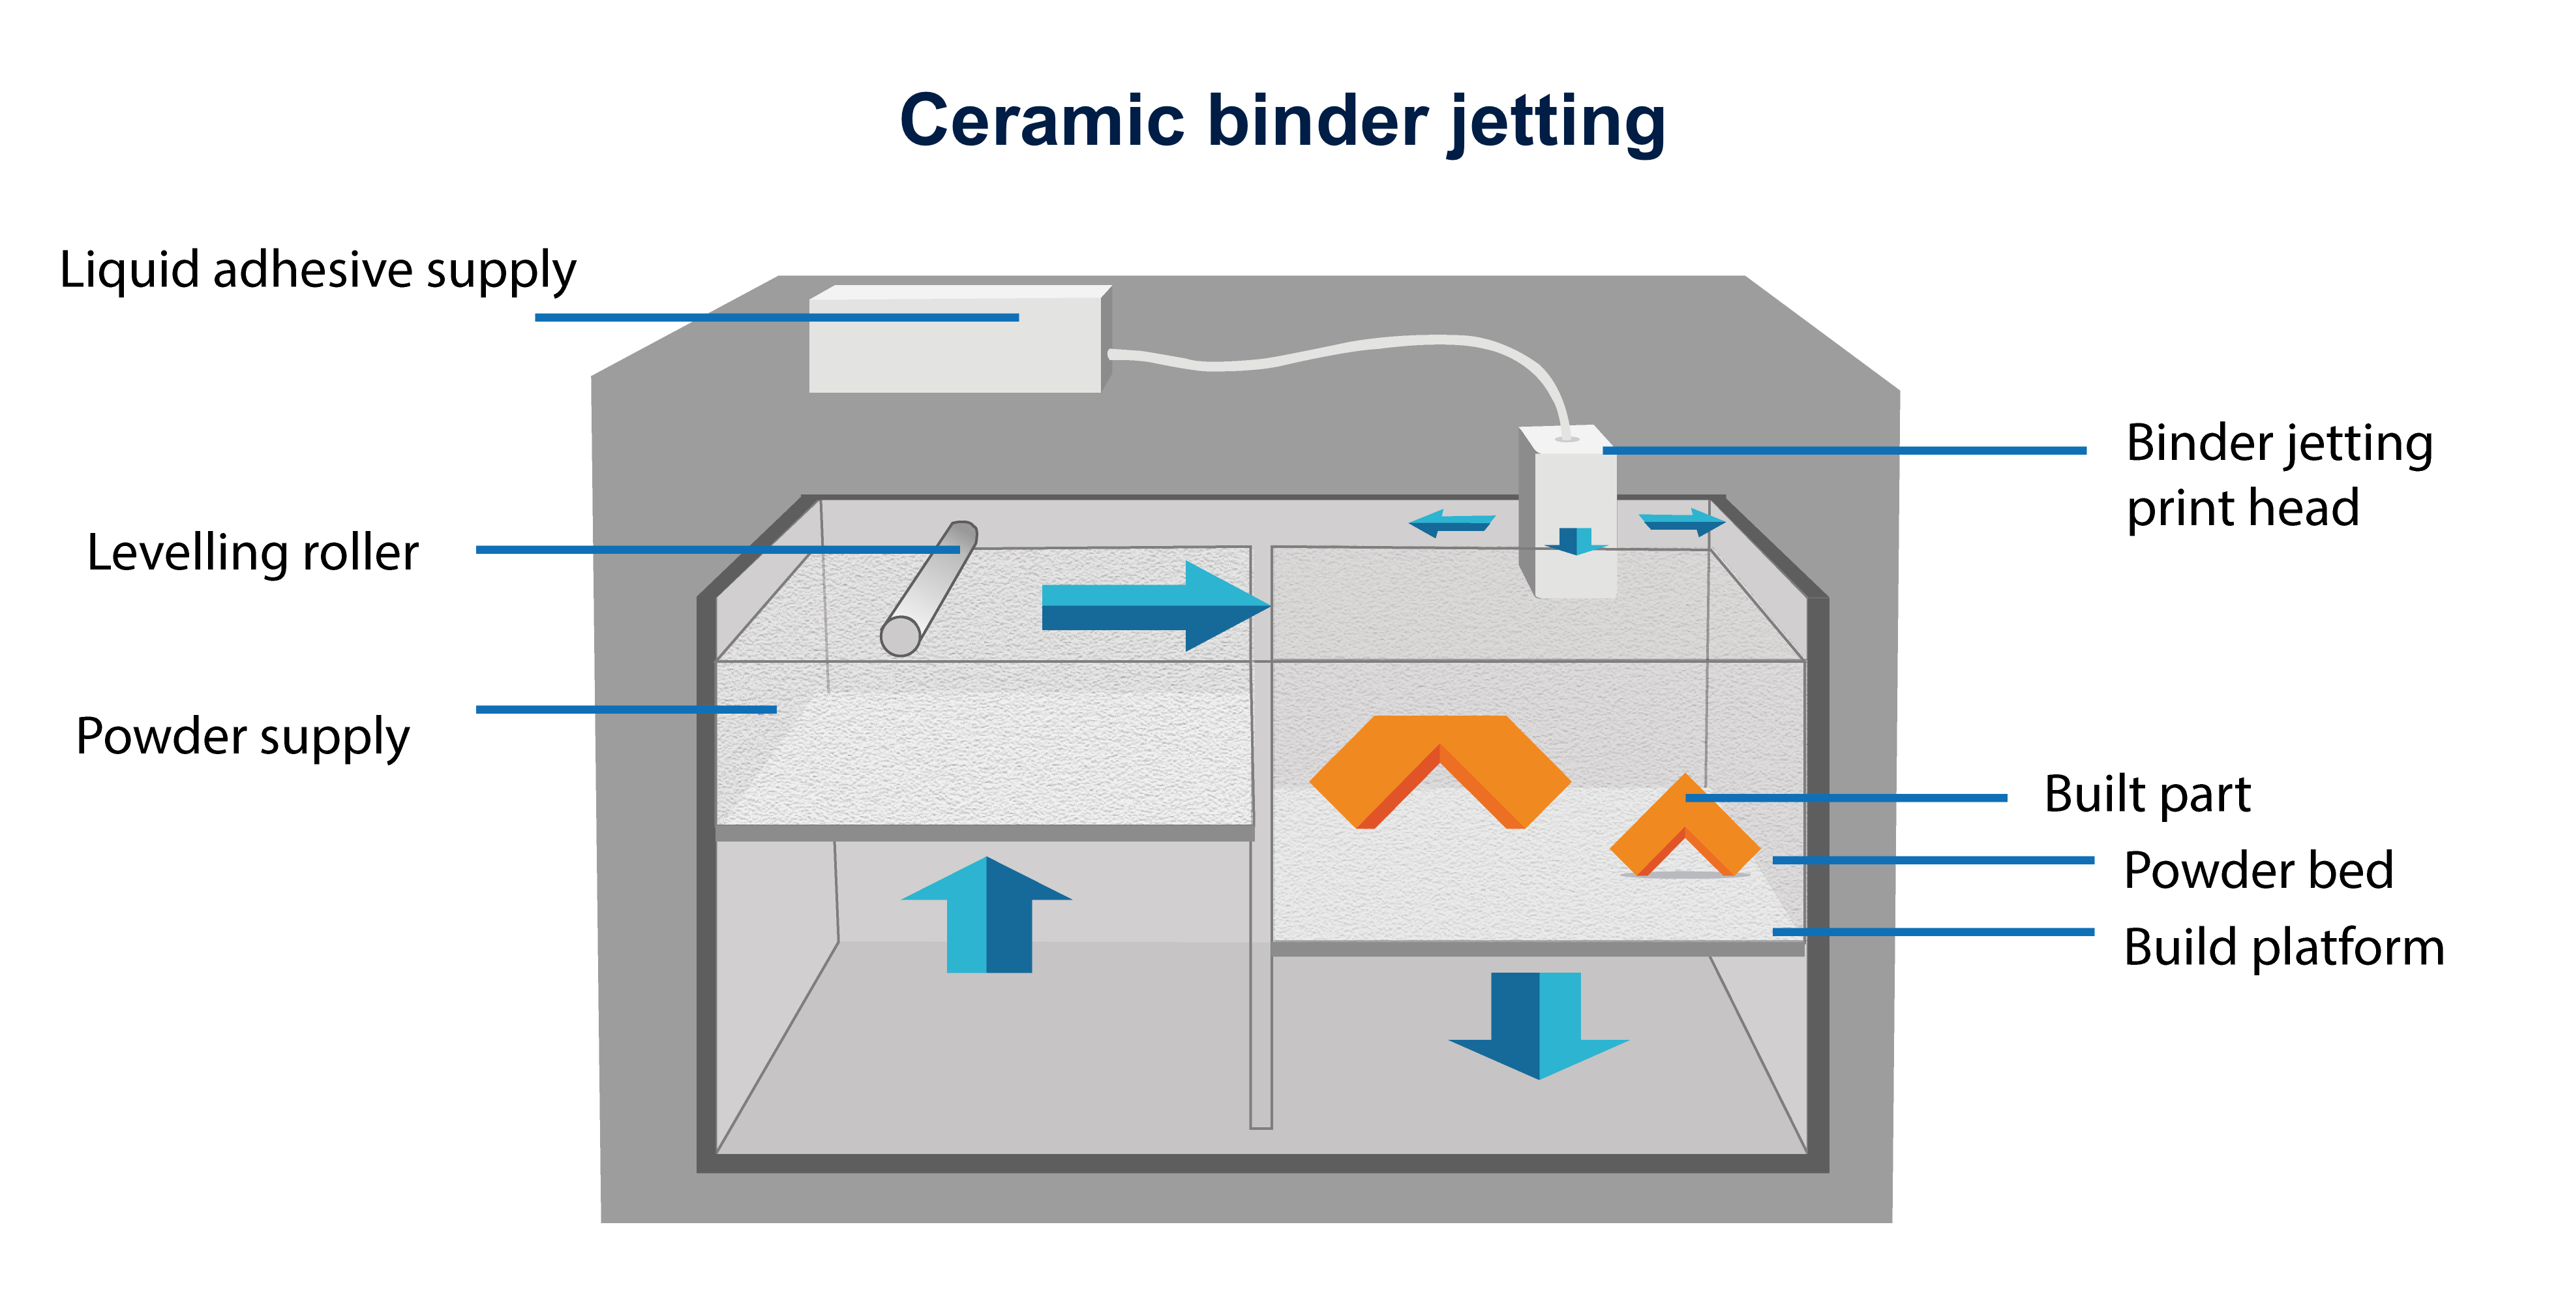 Ceramic binder jetting